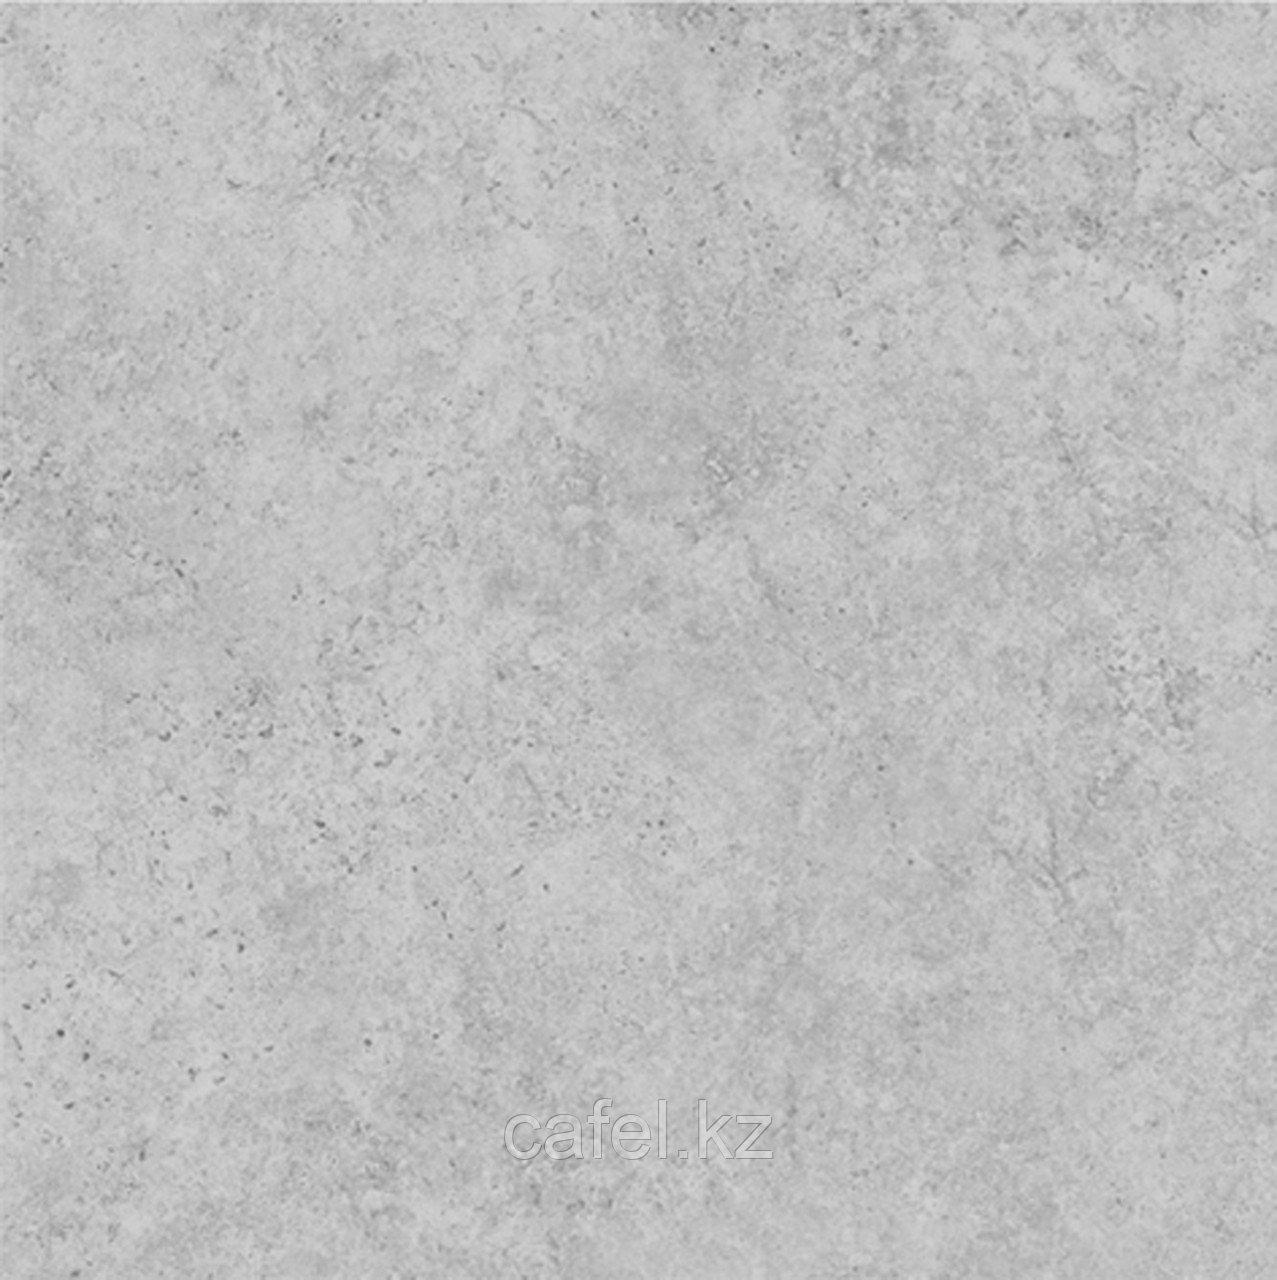 Кафель | Плитка для пола 40х40 Тоскано | Toscano 2П серый